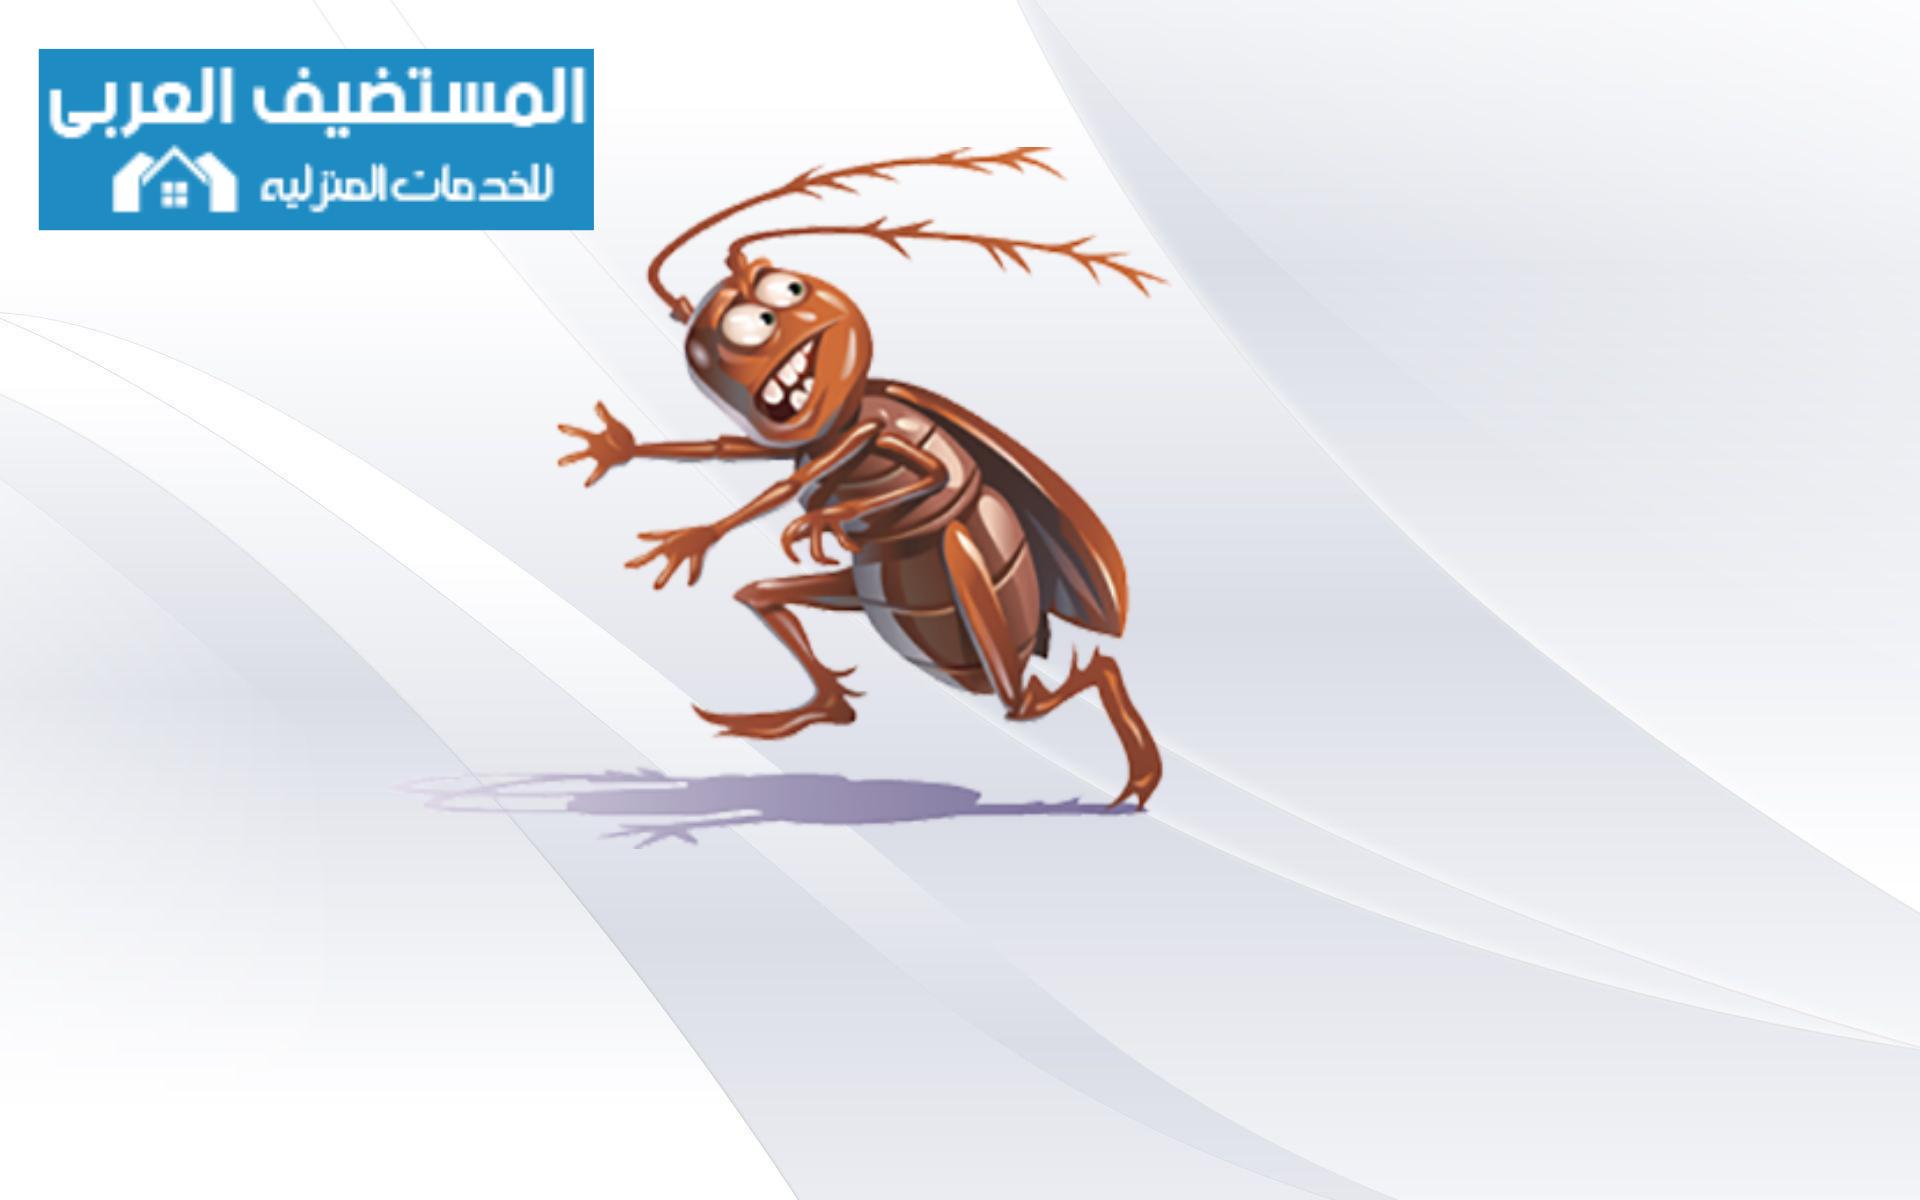 افضل 15 نصيحة لمكافحة الحشرات